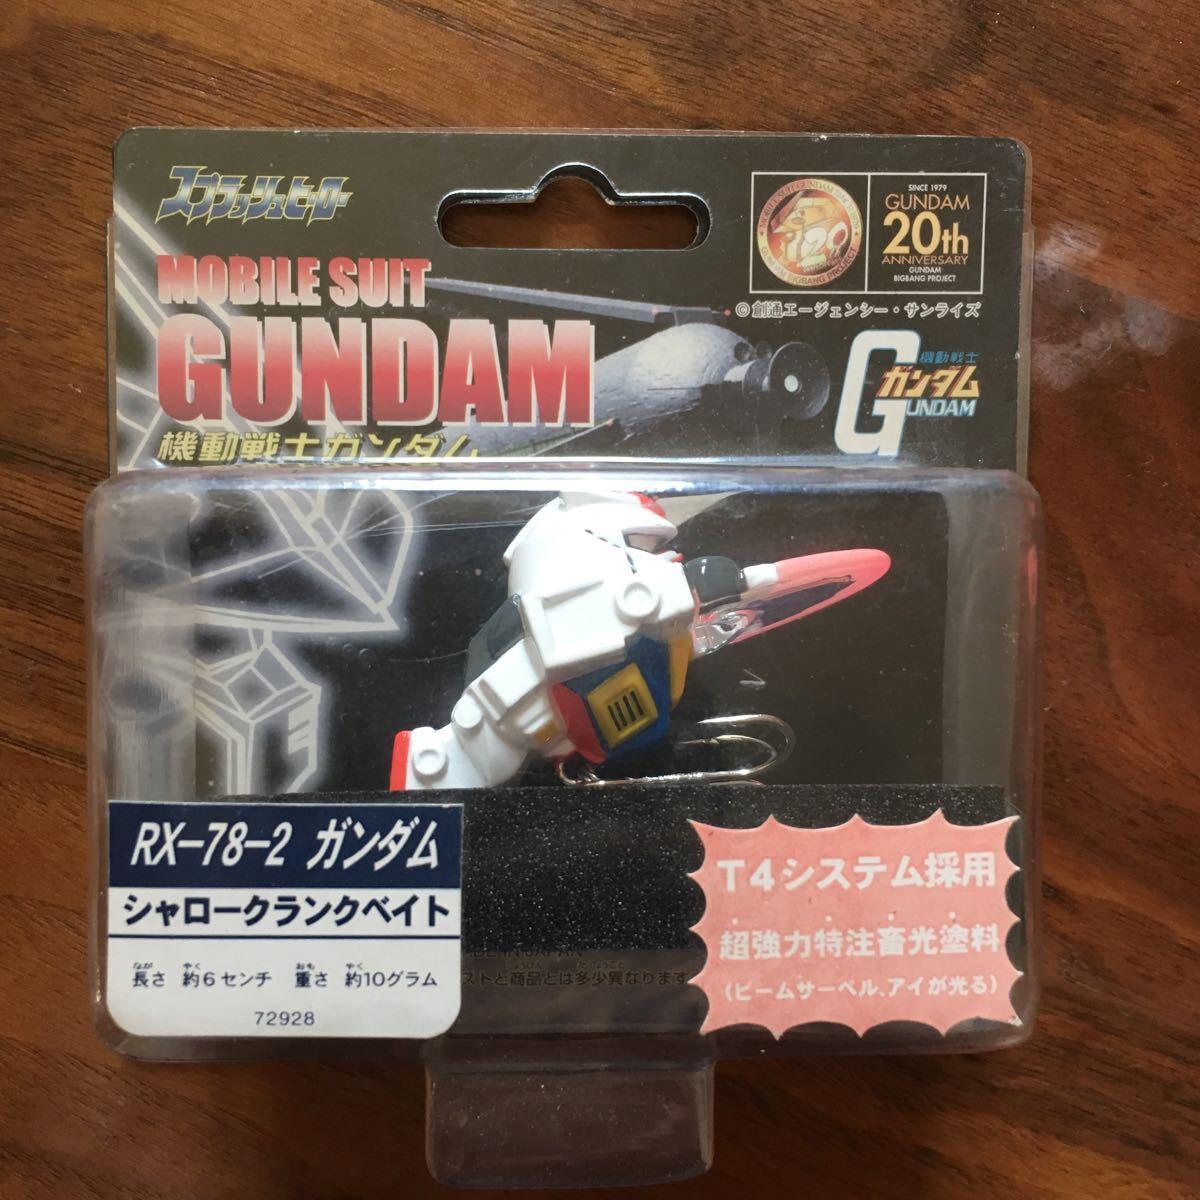 Swimbait Fishing Sections Fishing Lures Gundam RX  78 Splash Hero rare Lure